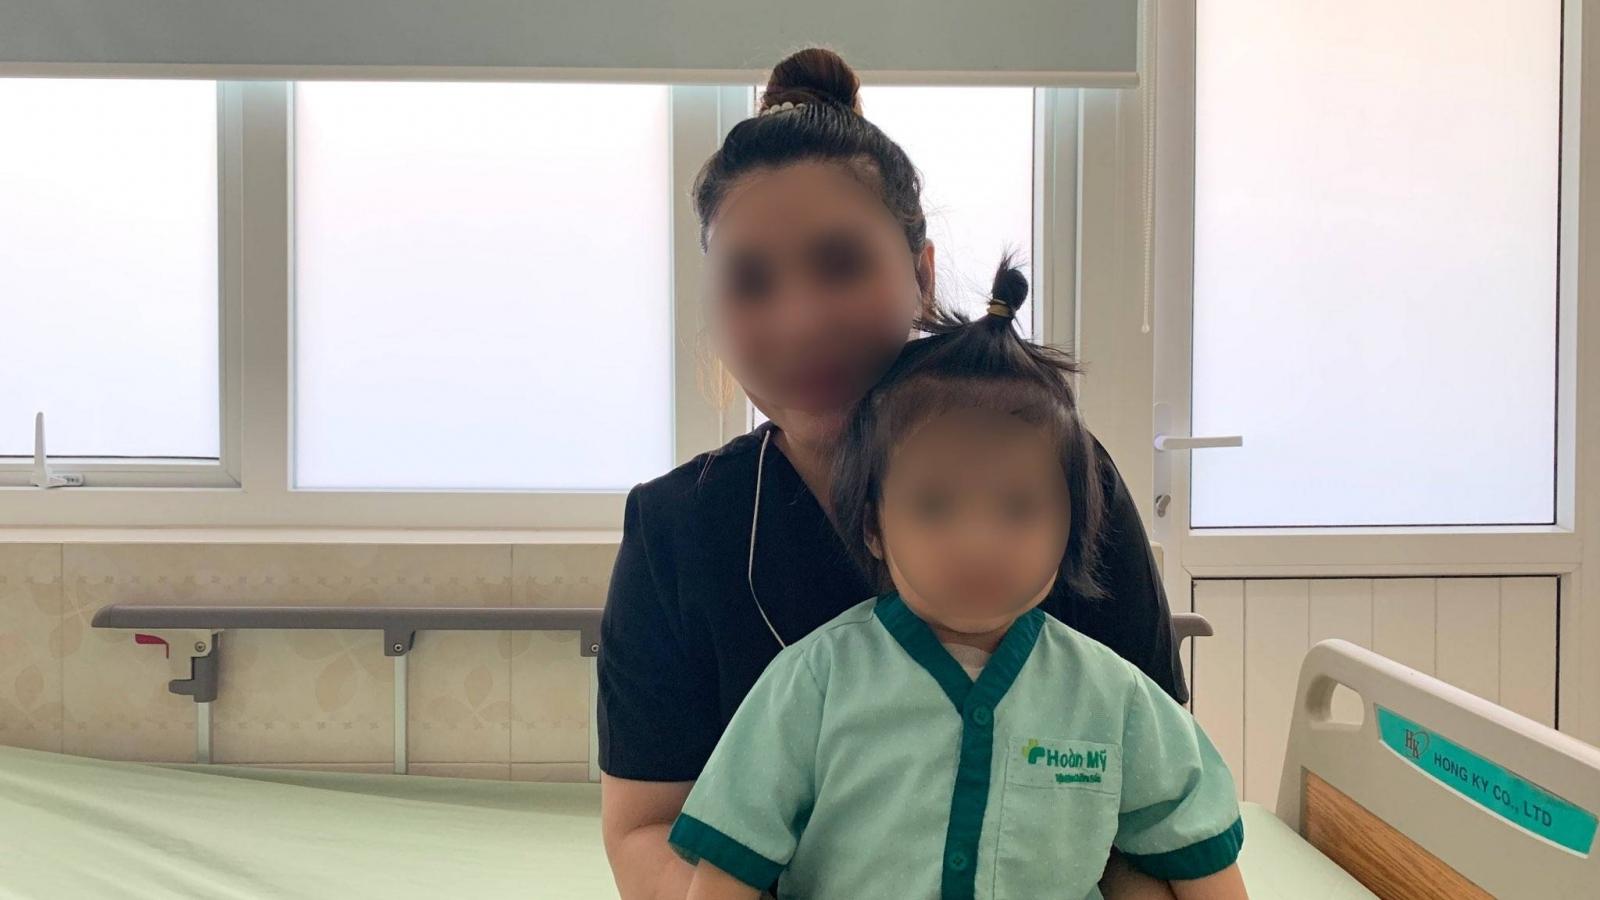 Đà Nẵng: 3 lần phẫu thuật sửa dị tật tim phức tạp cho bé gái 3 tuổi